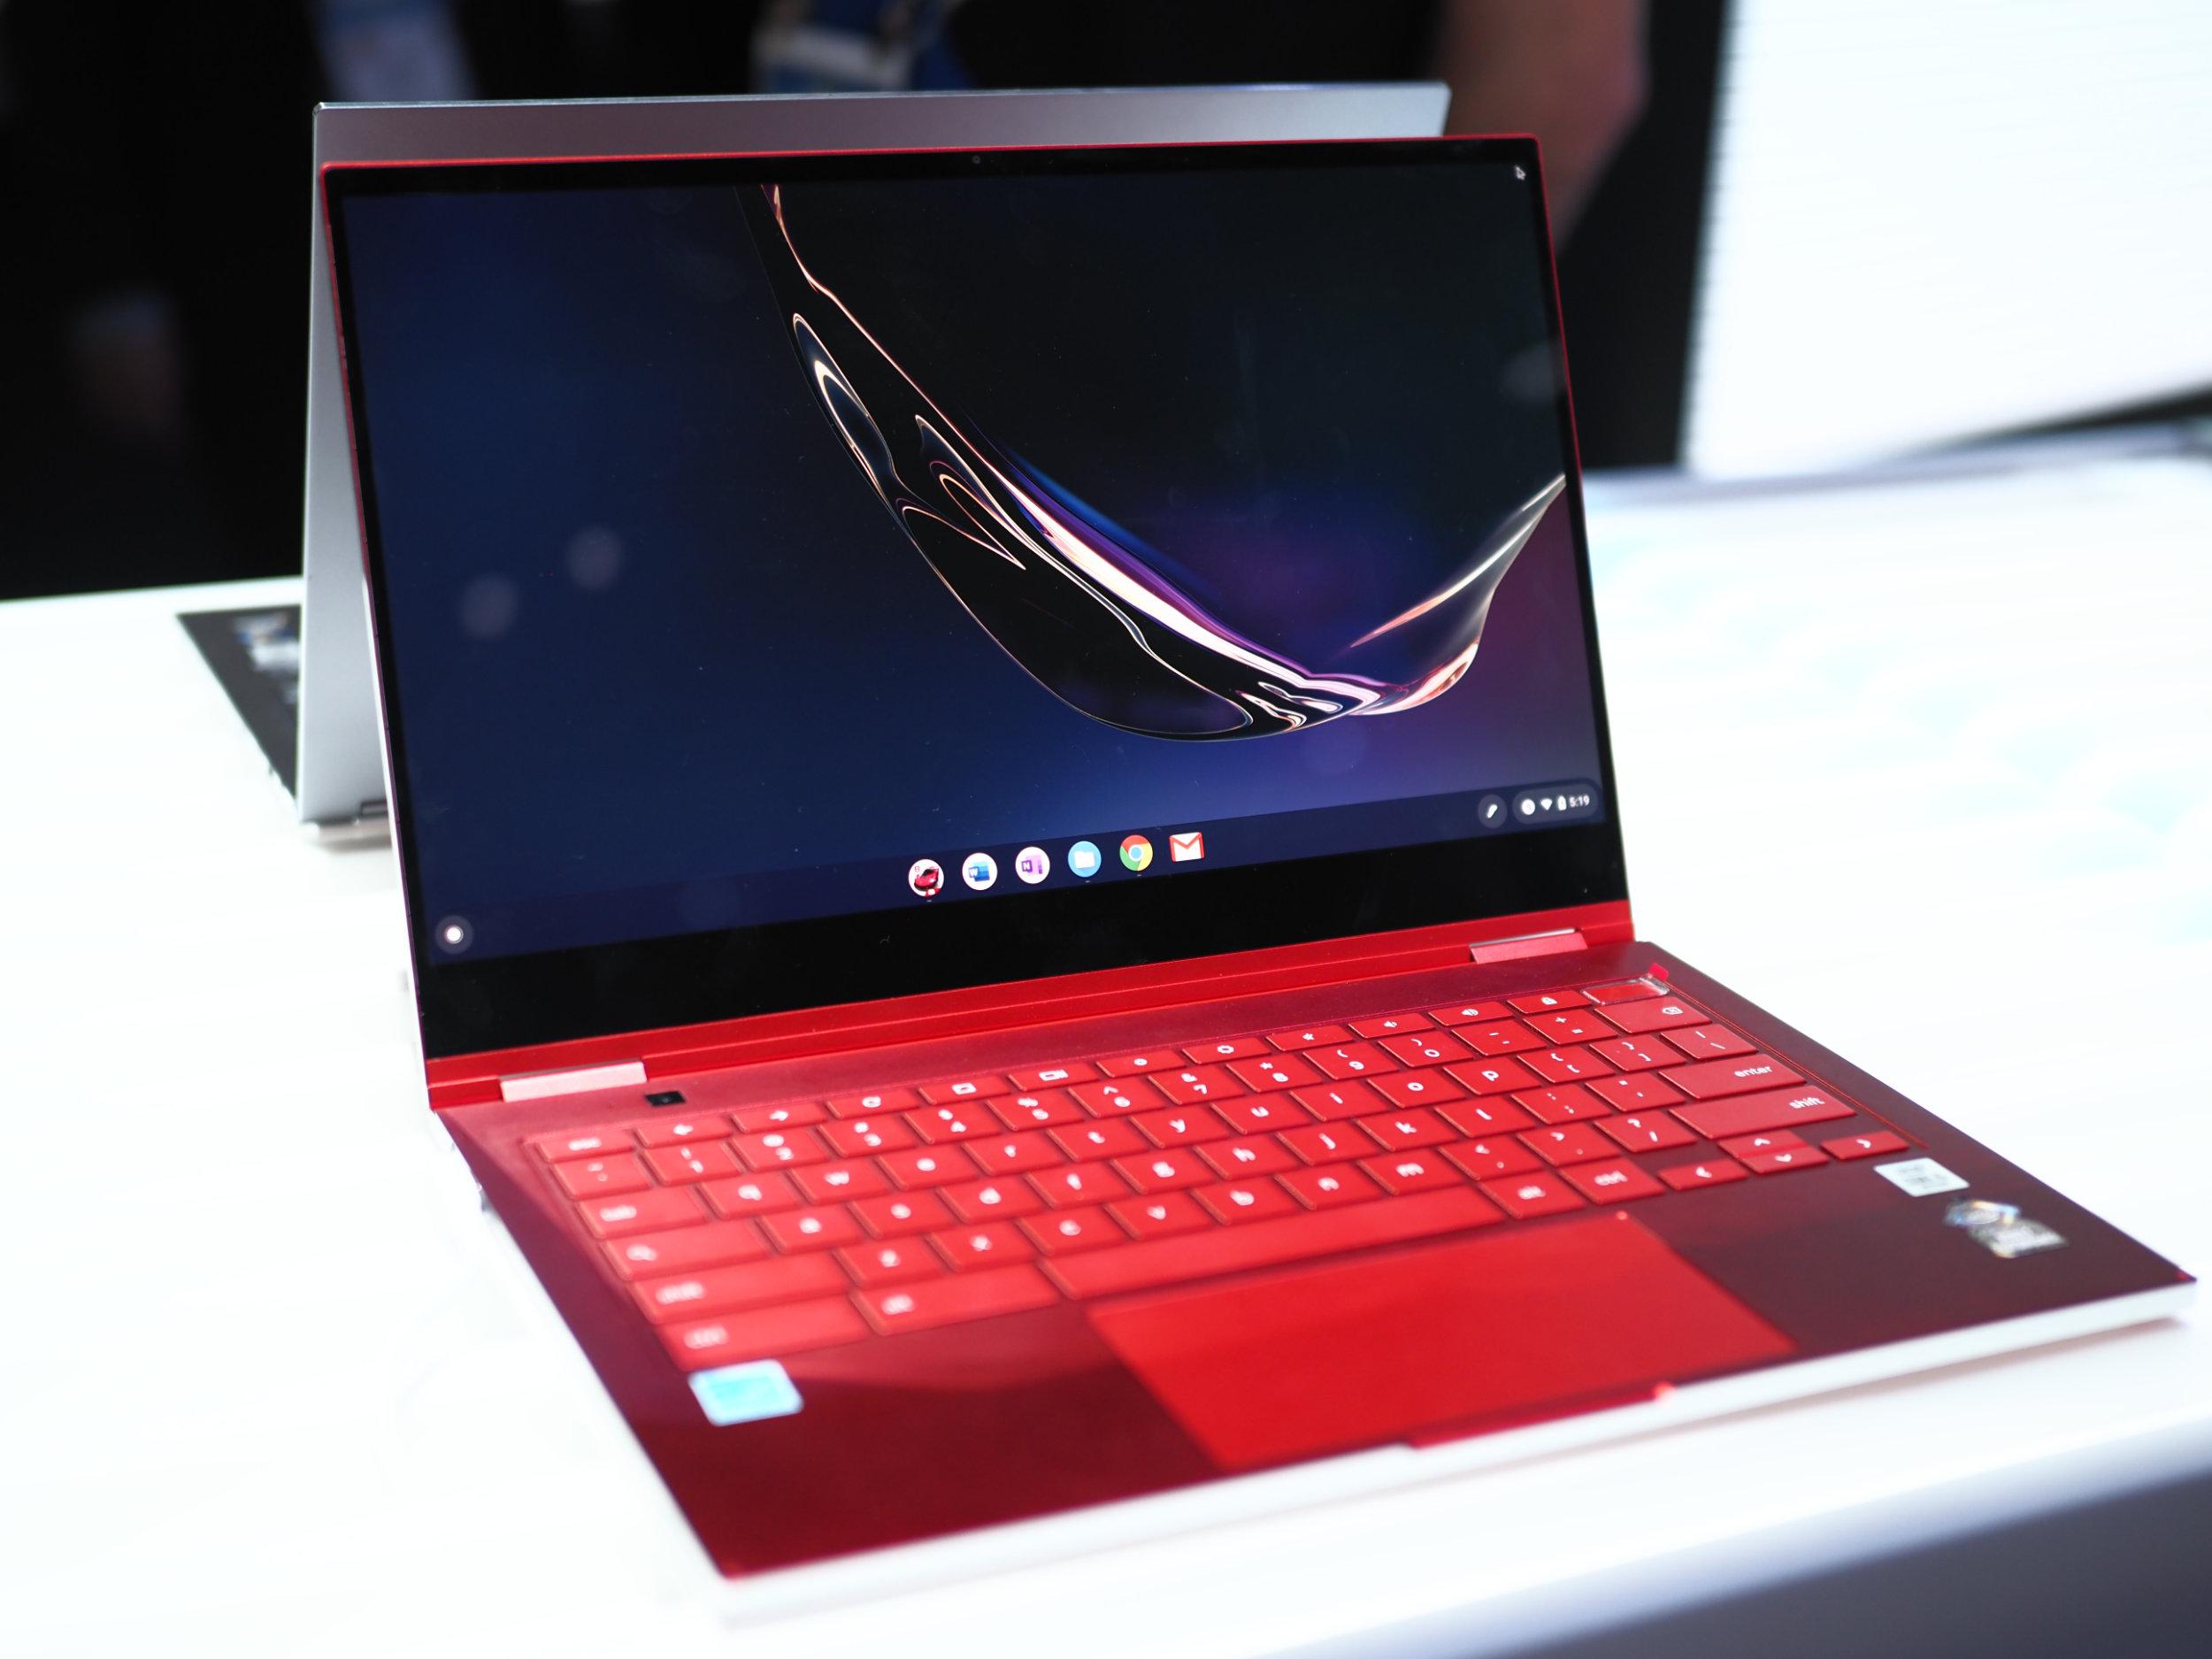 Prise en main du Samsung Galaxy Chromebook : à quand la version Windows 10 ?